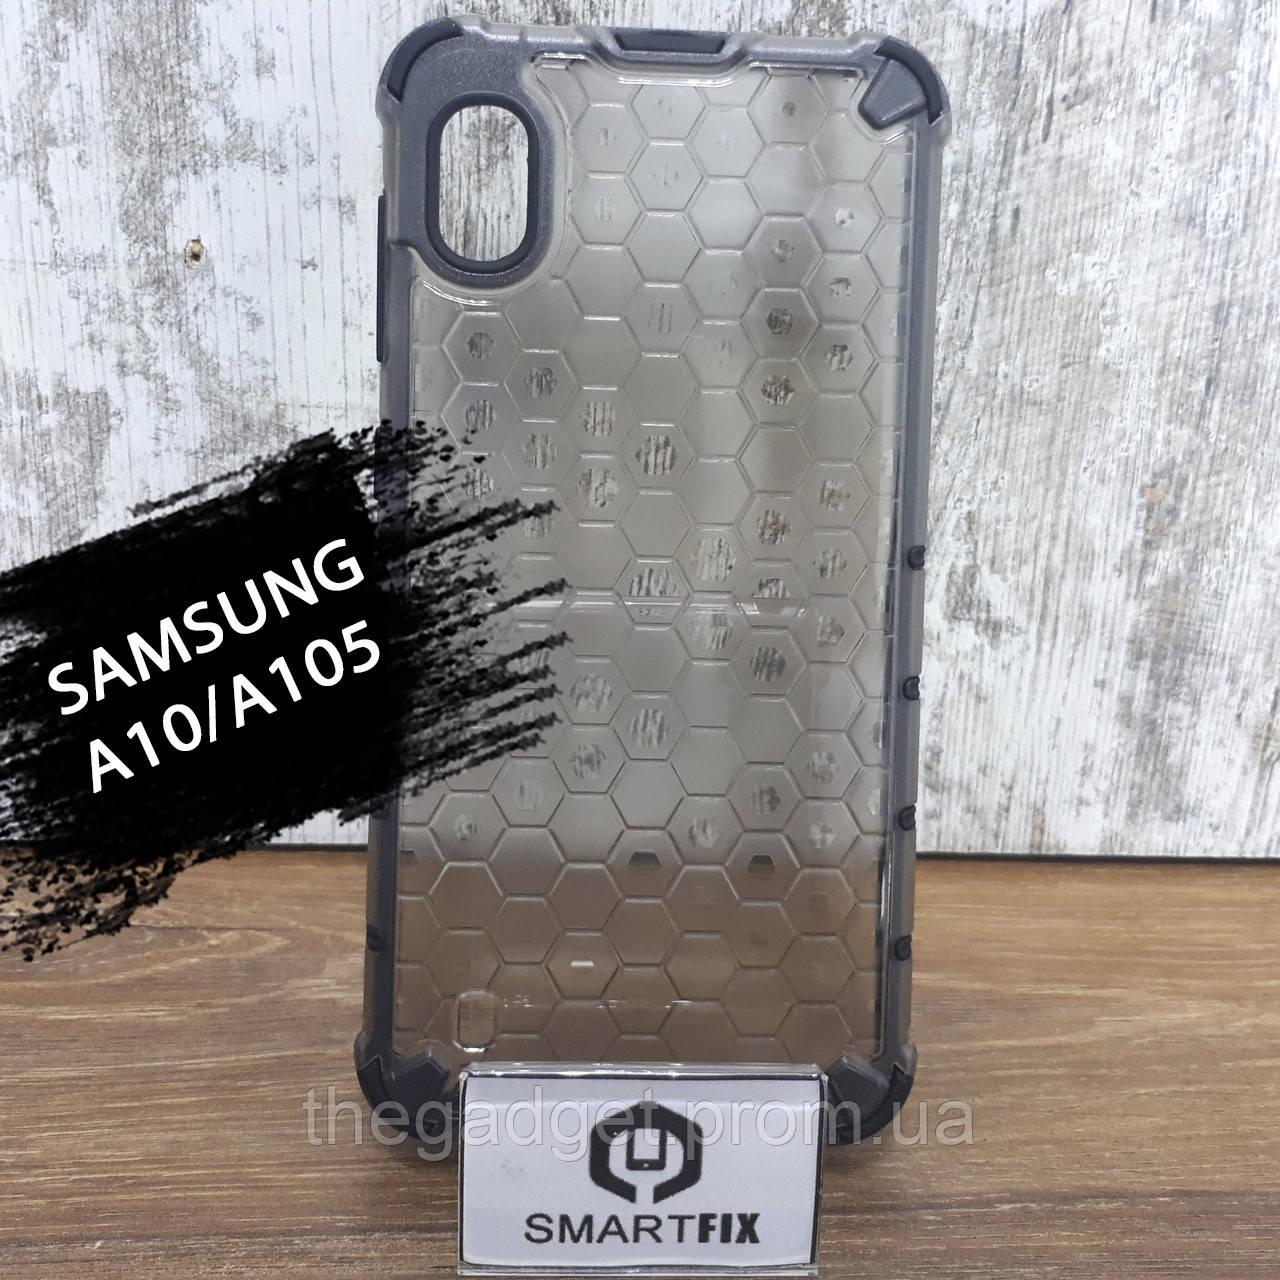 Пластиковый чехол для Samsung A10 / M10 / A105F / M105F HoneyComb